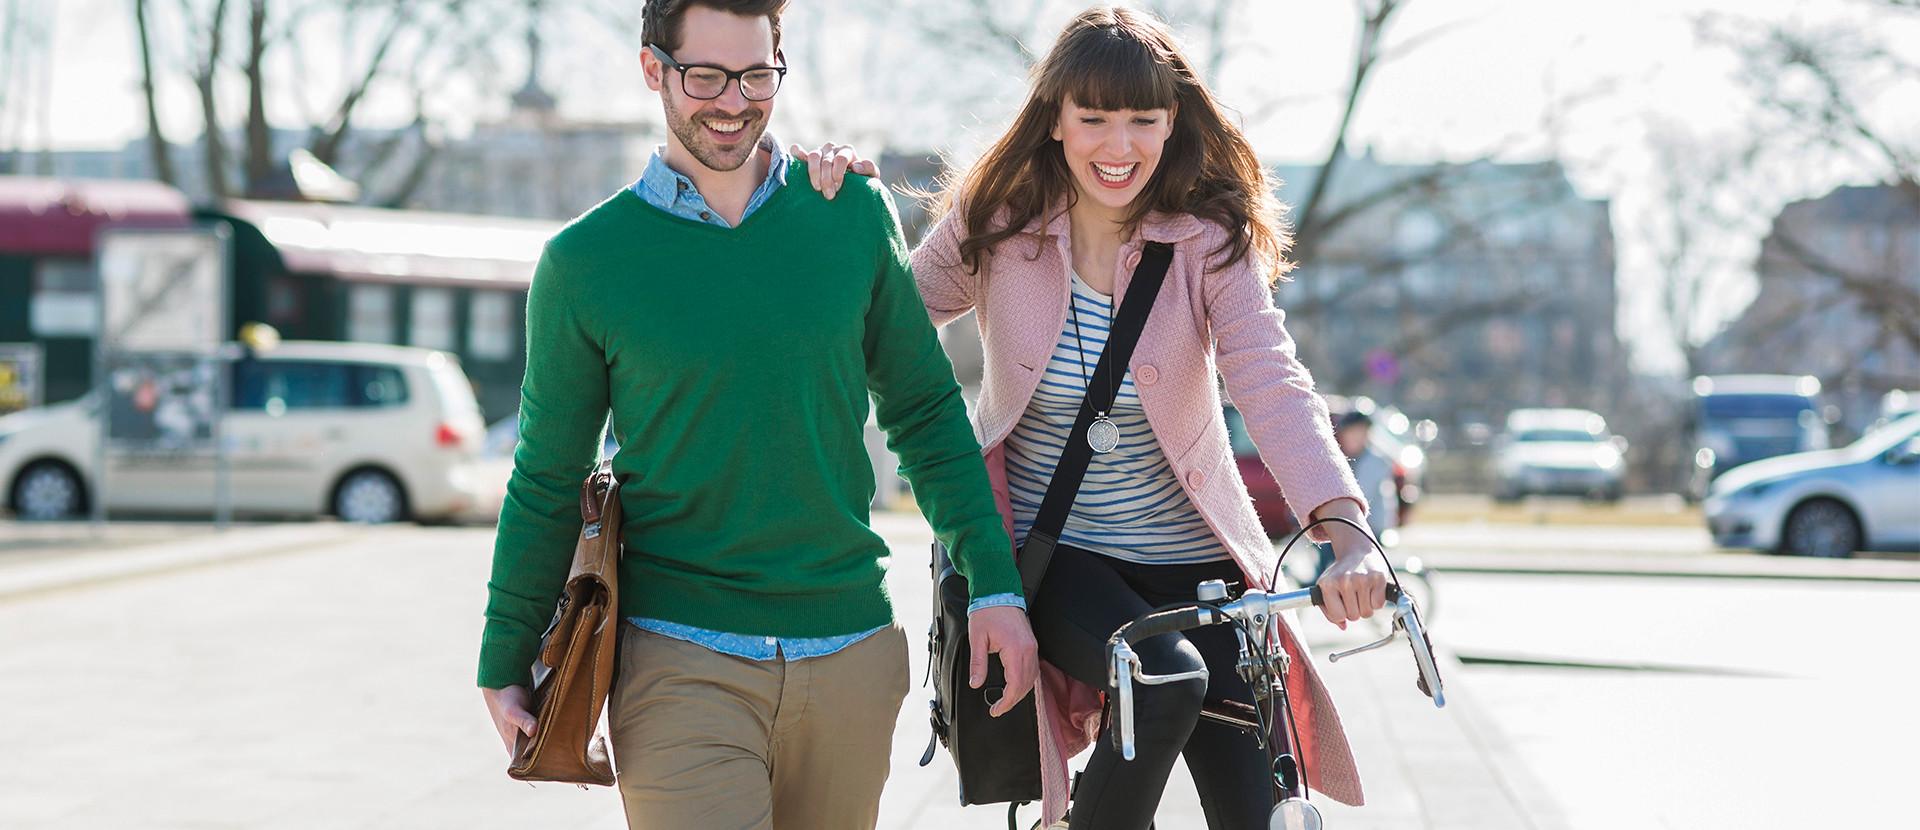 junge Leute mit einem Fahrrad